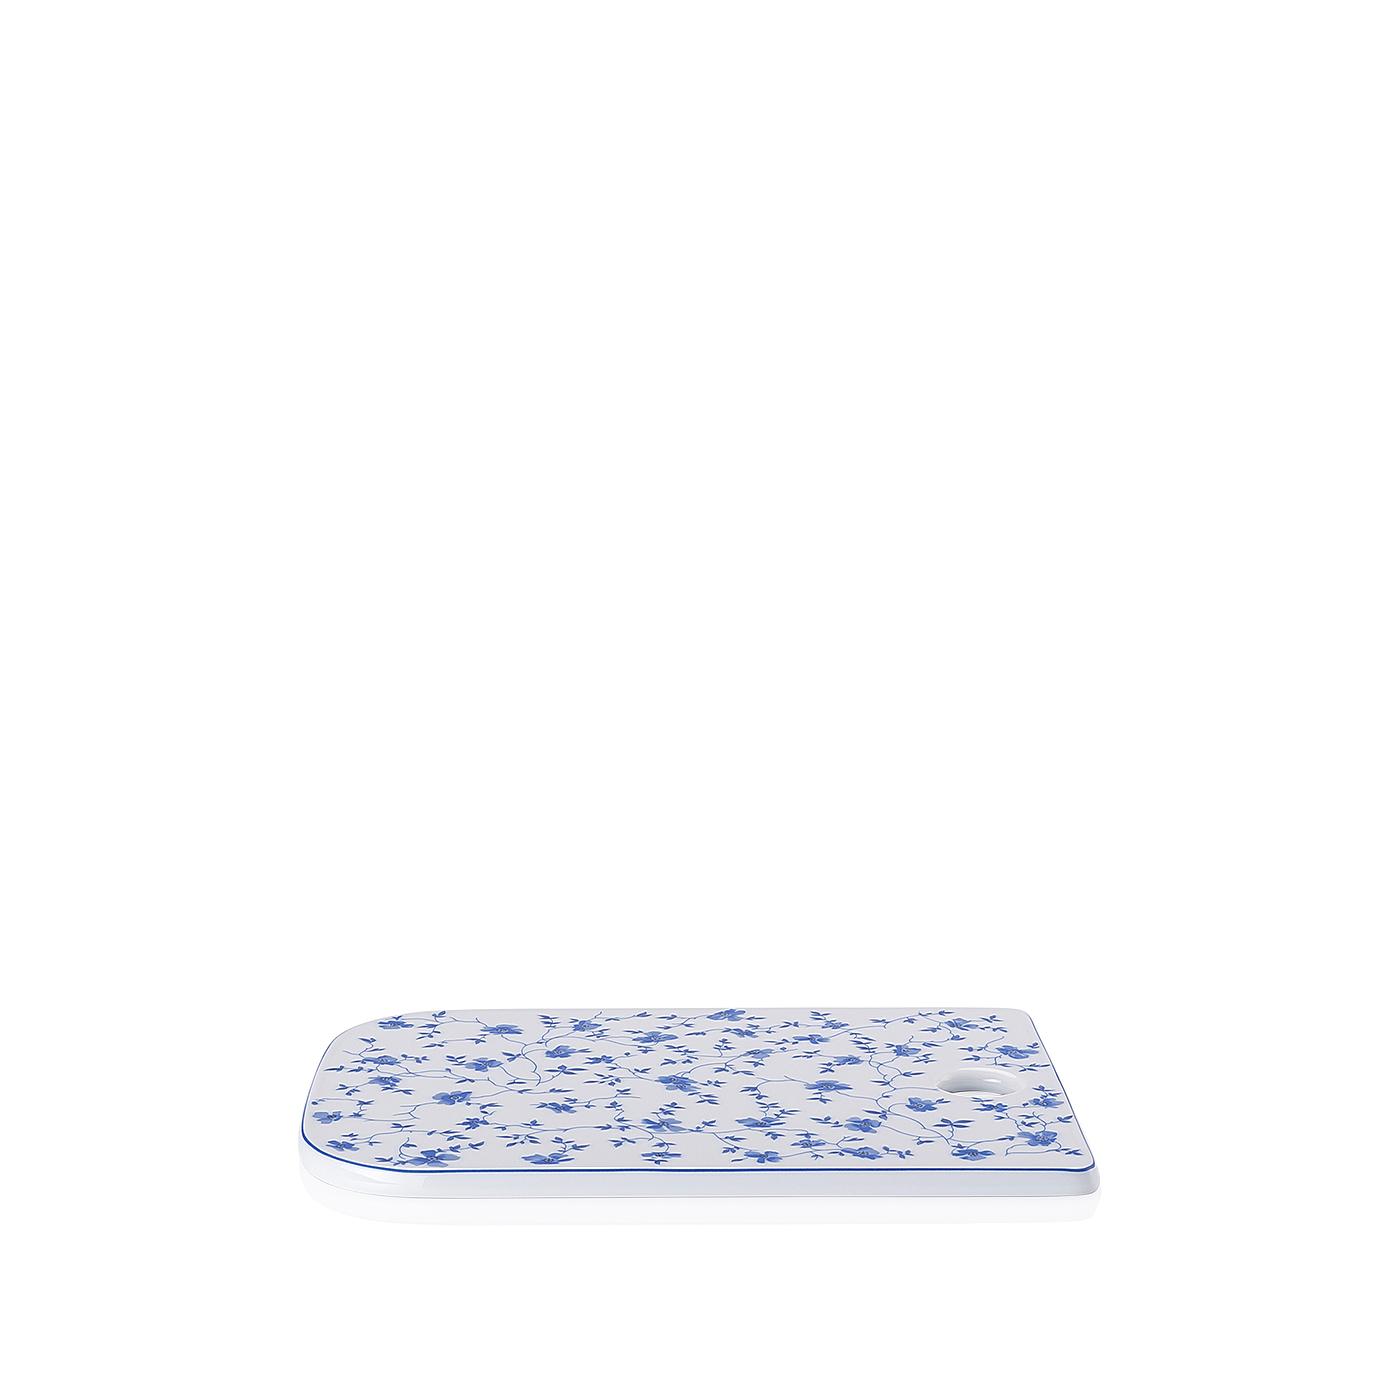 Frühstücksbrett Form 1382 Blaublüten Arzberg